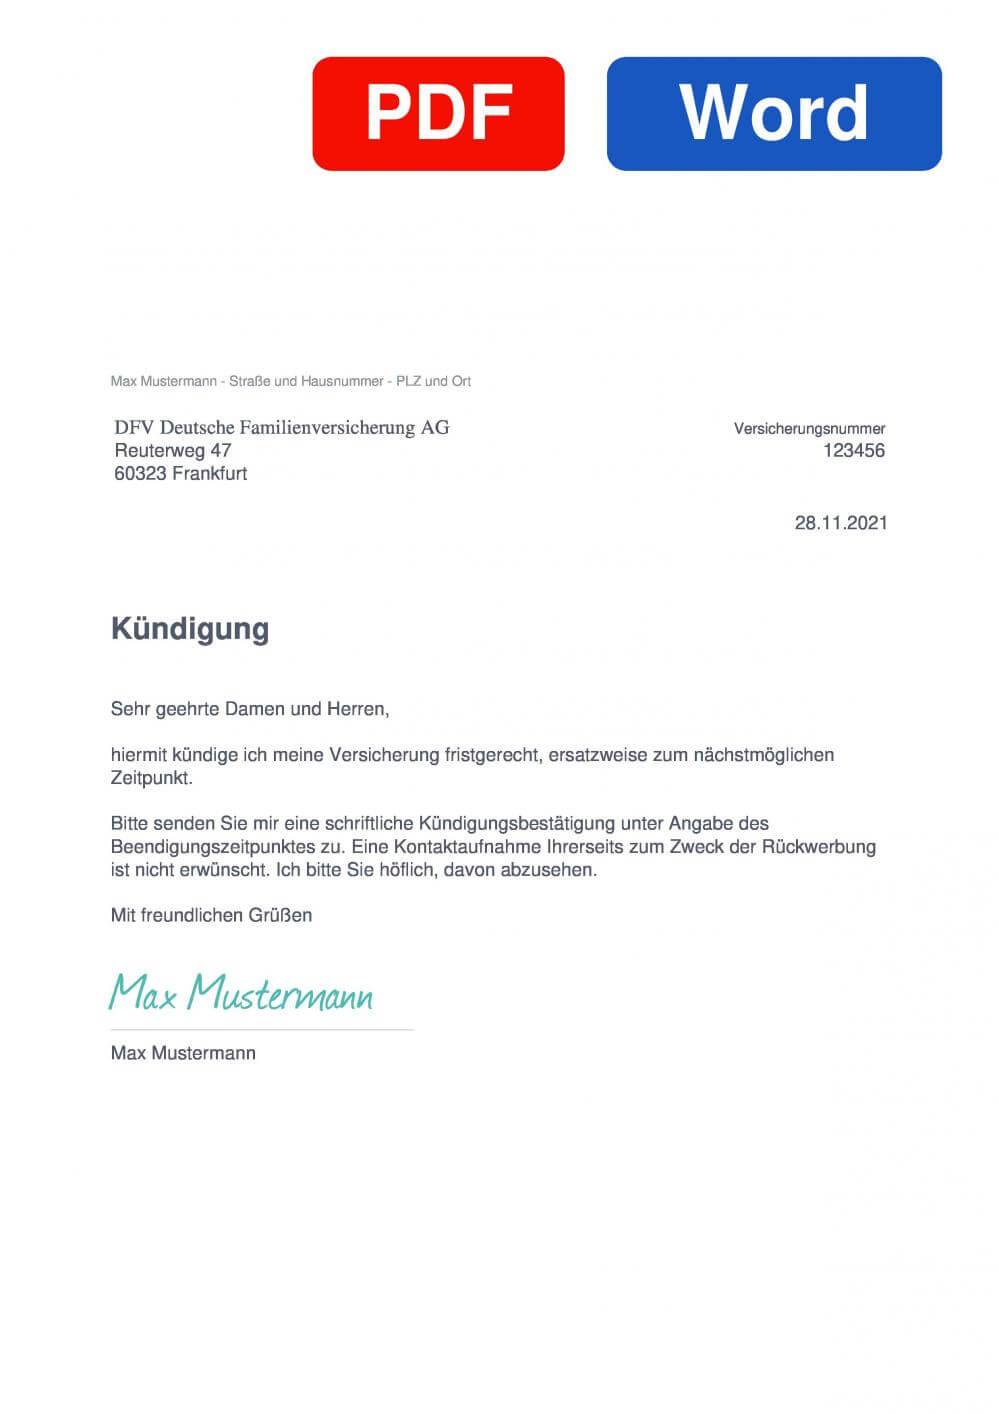 DFV Handy Schutzbrief Muster Vorlage für Kündigungsschreiben